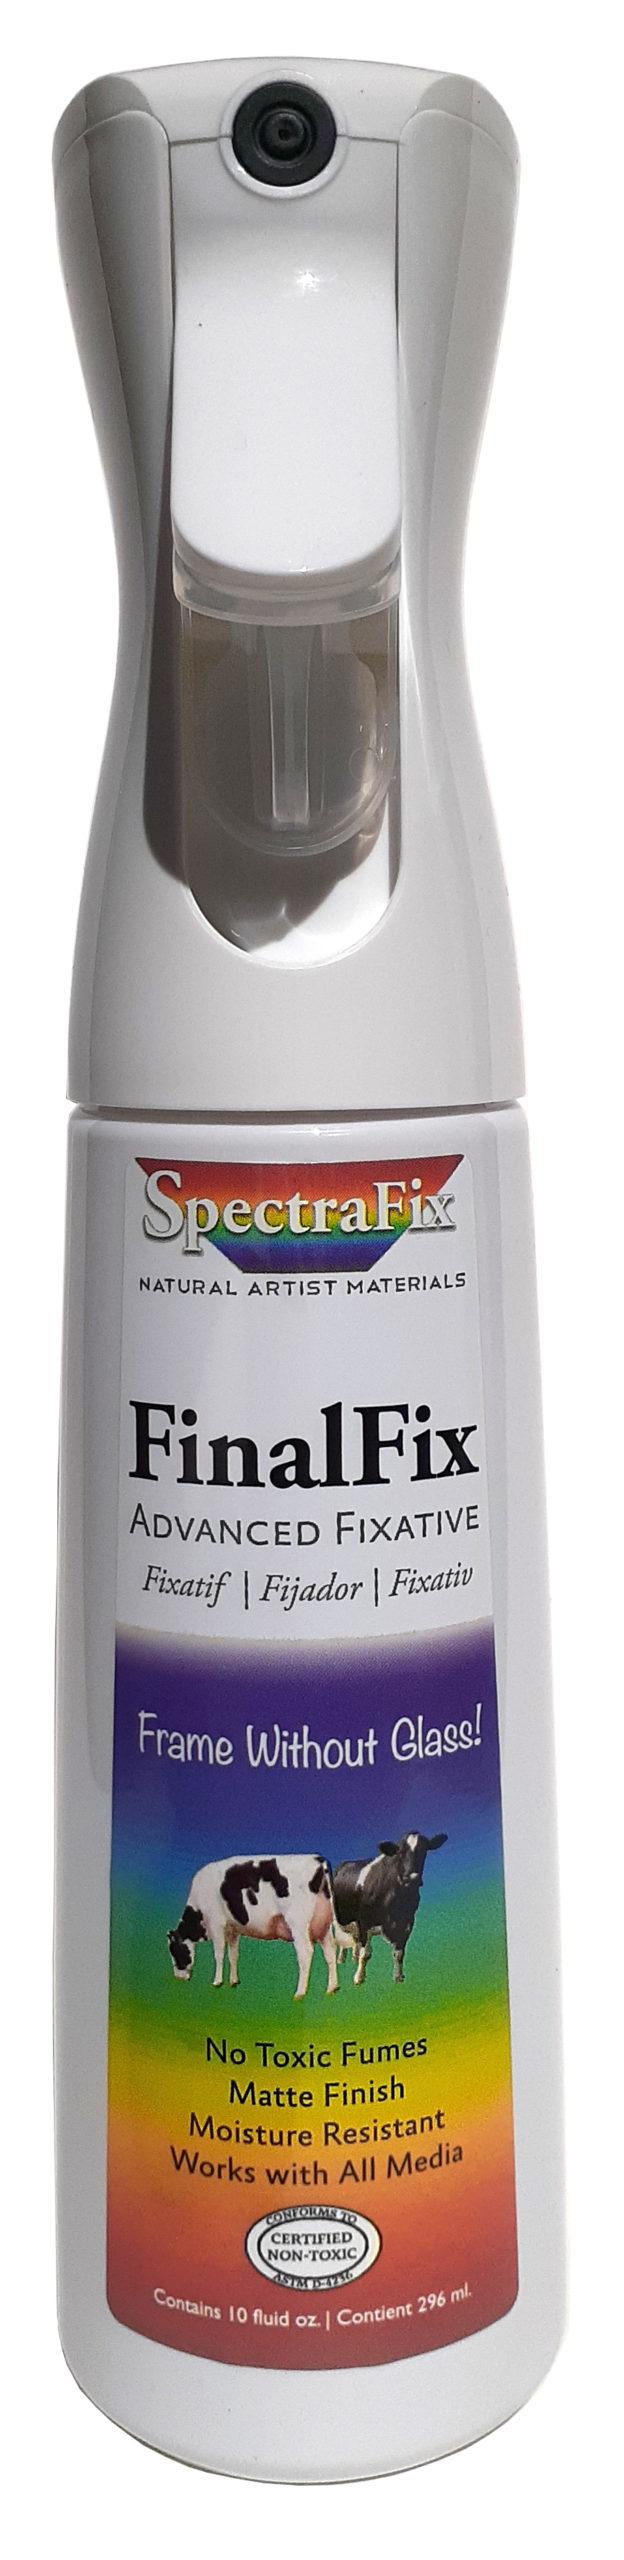 FinalFix Refillable Aerosol